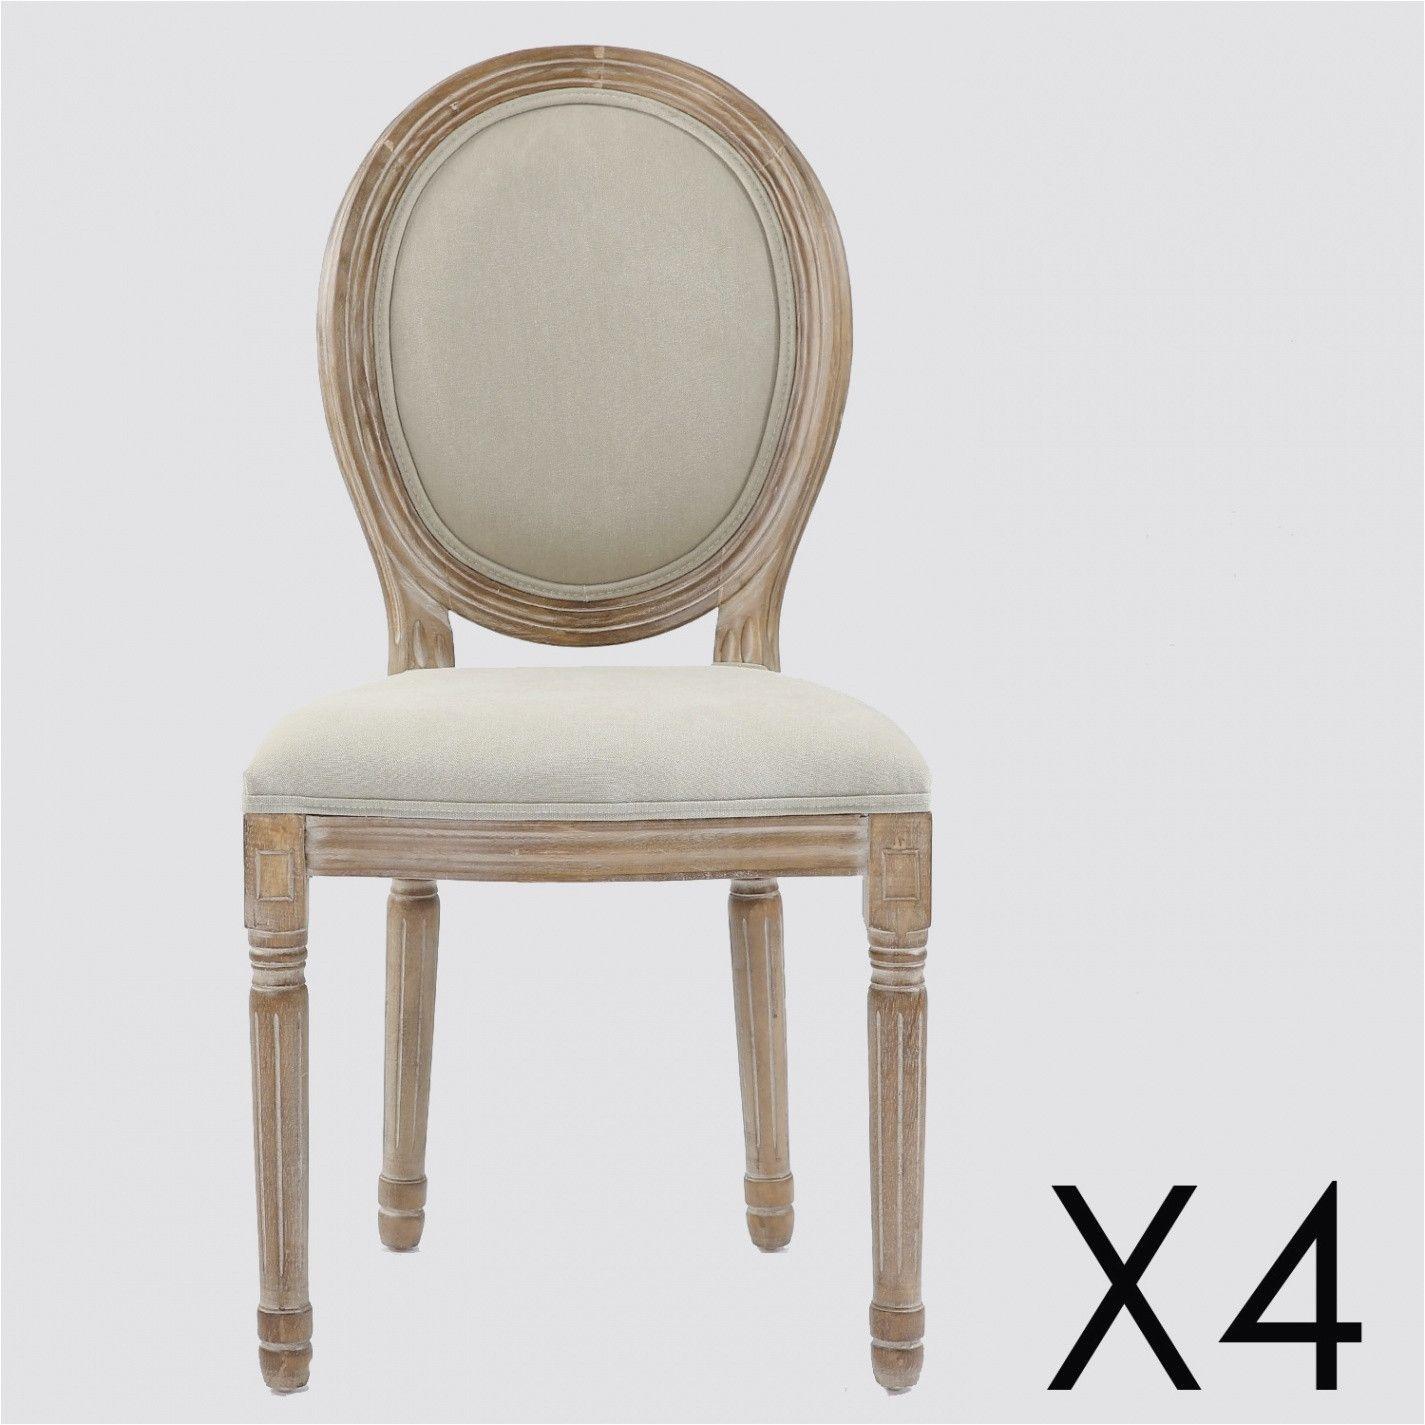 35 Nouveau Chaise Medaillon Simili Cuir Idees Inspirantes Chaise Medaillon Chaise Medaillon Chaise Restaurant Chaise De Chambre